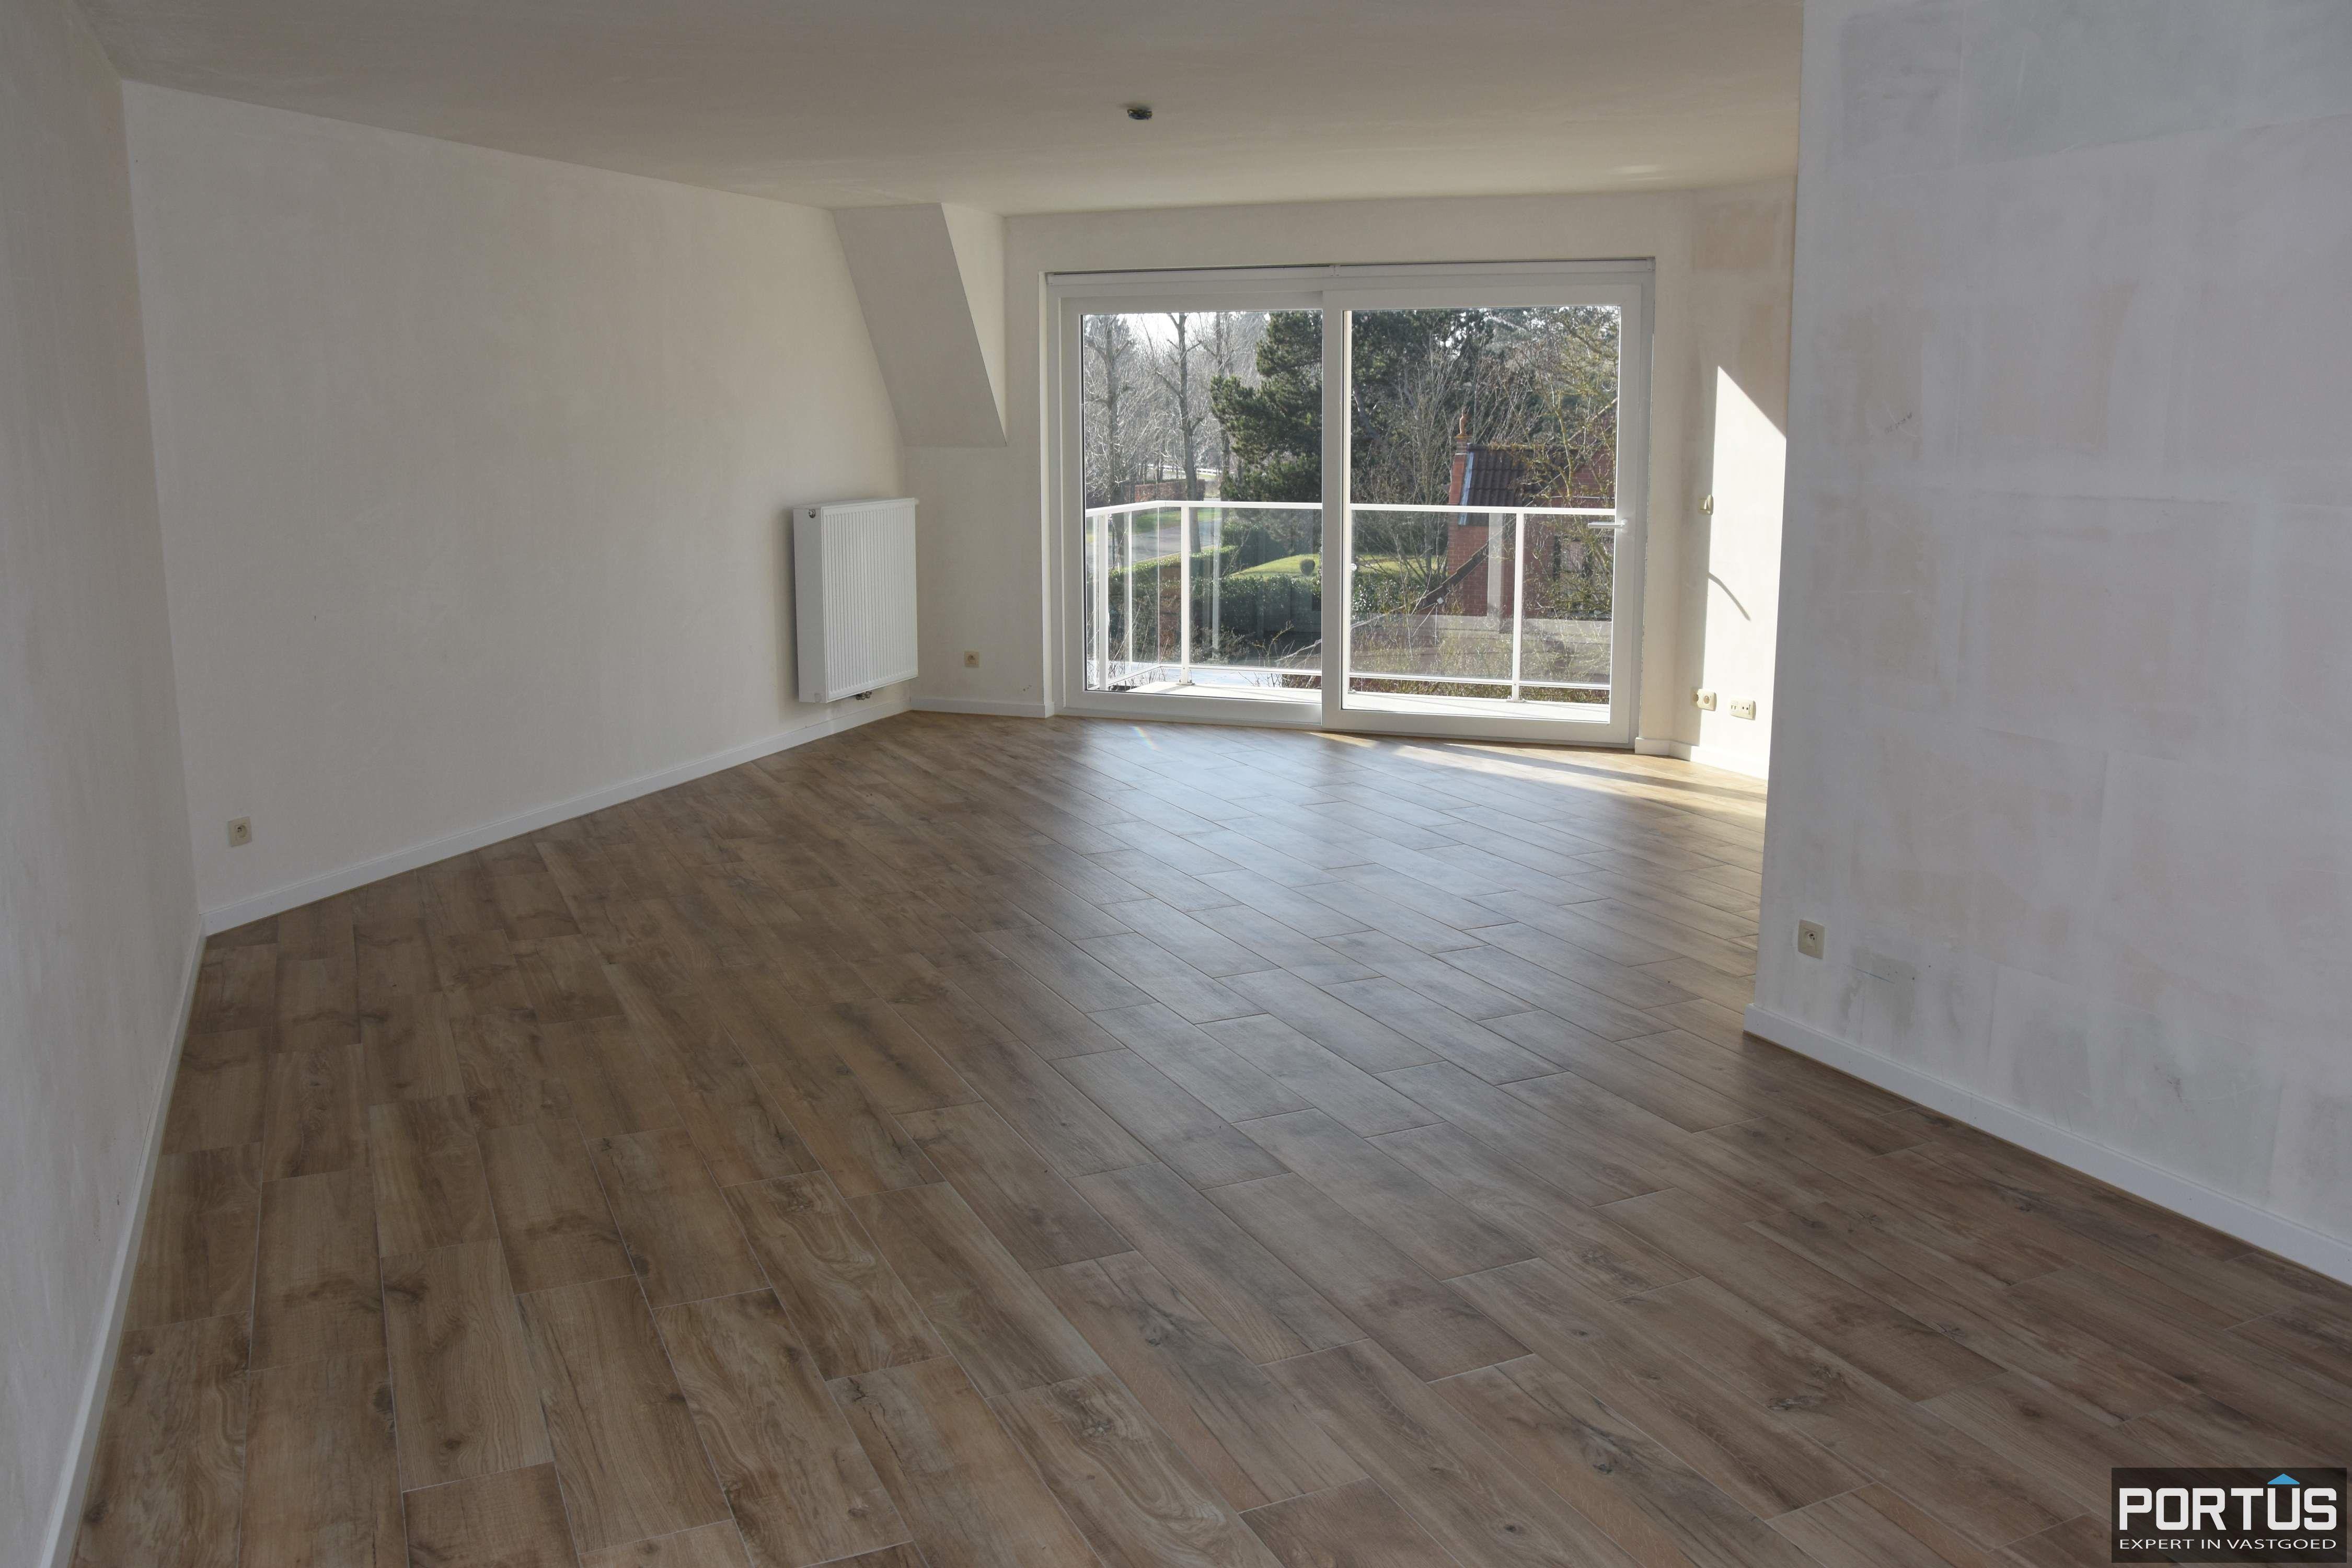 Appartement te koop met 3 slaapkamers, 2 badkamers en groot terras  - 9338